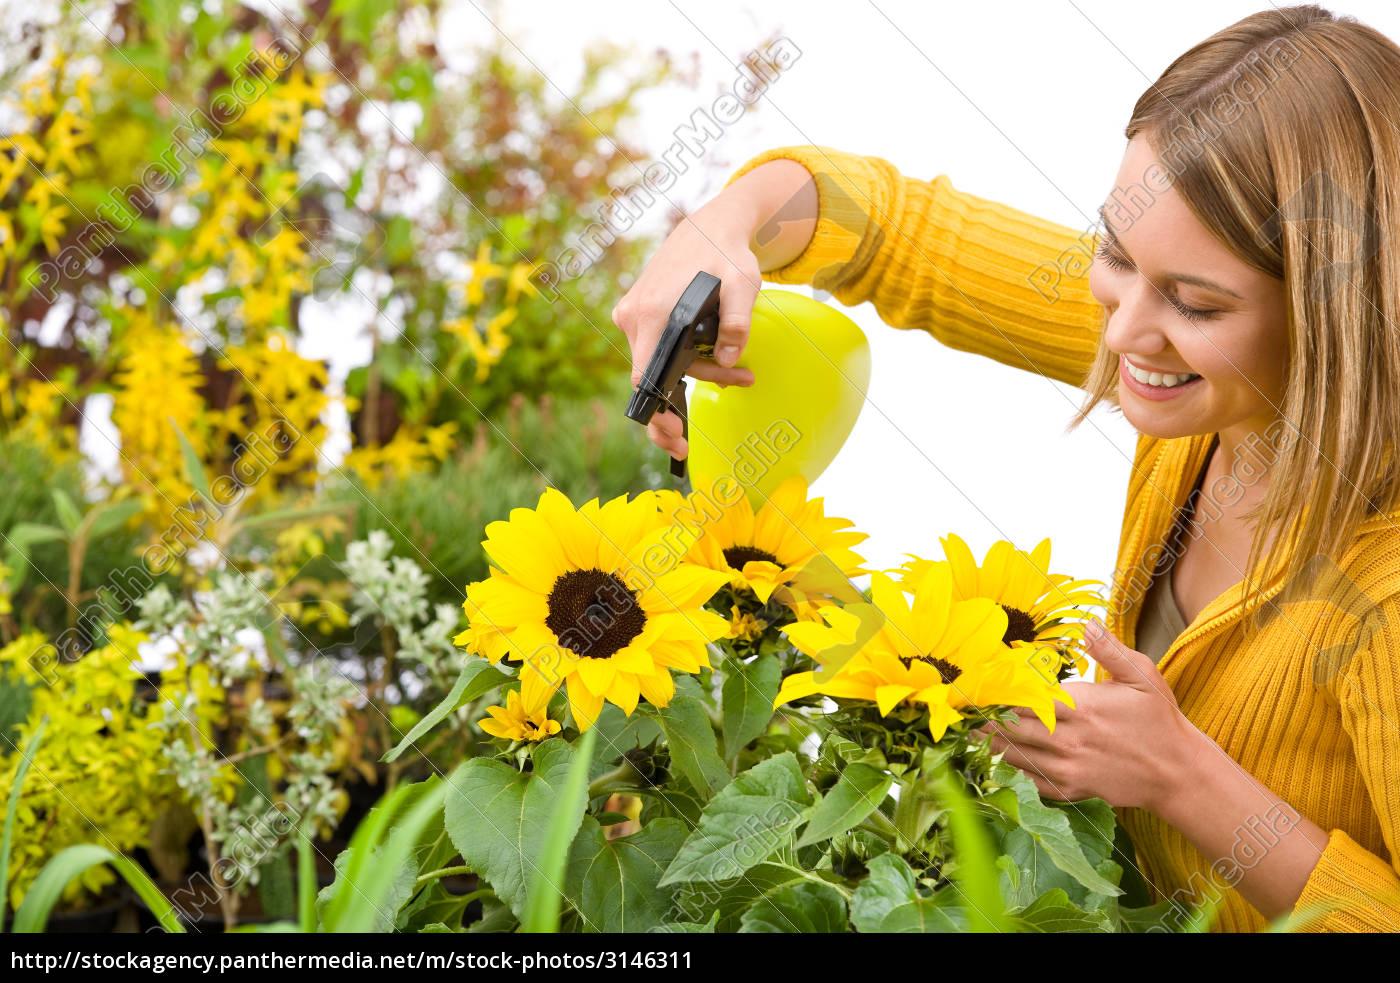 gardening, -, woman, sprinkling, water, to - 3146311